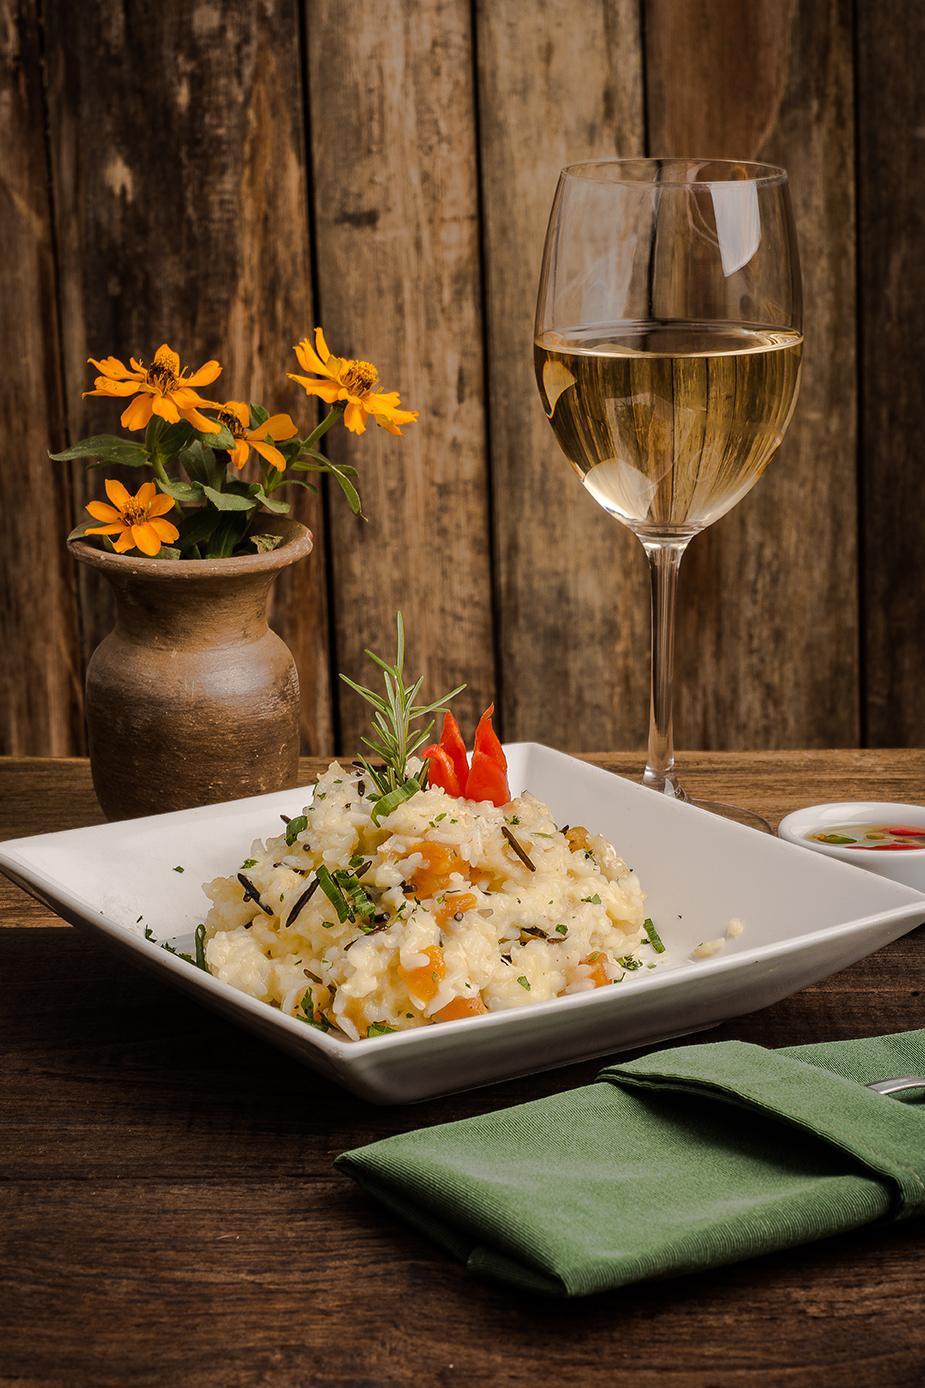 fotografia de alimentos comida restaurante fotografia profissional florianópolis ingleses fotógrafo alimentos comida